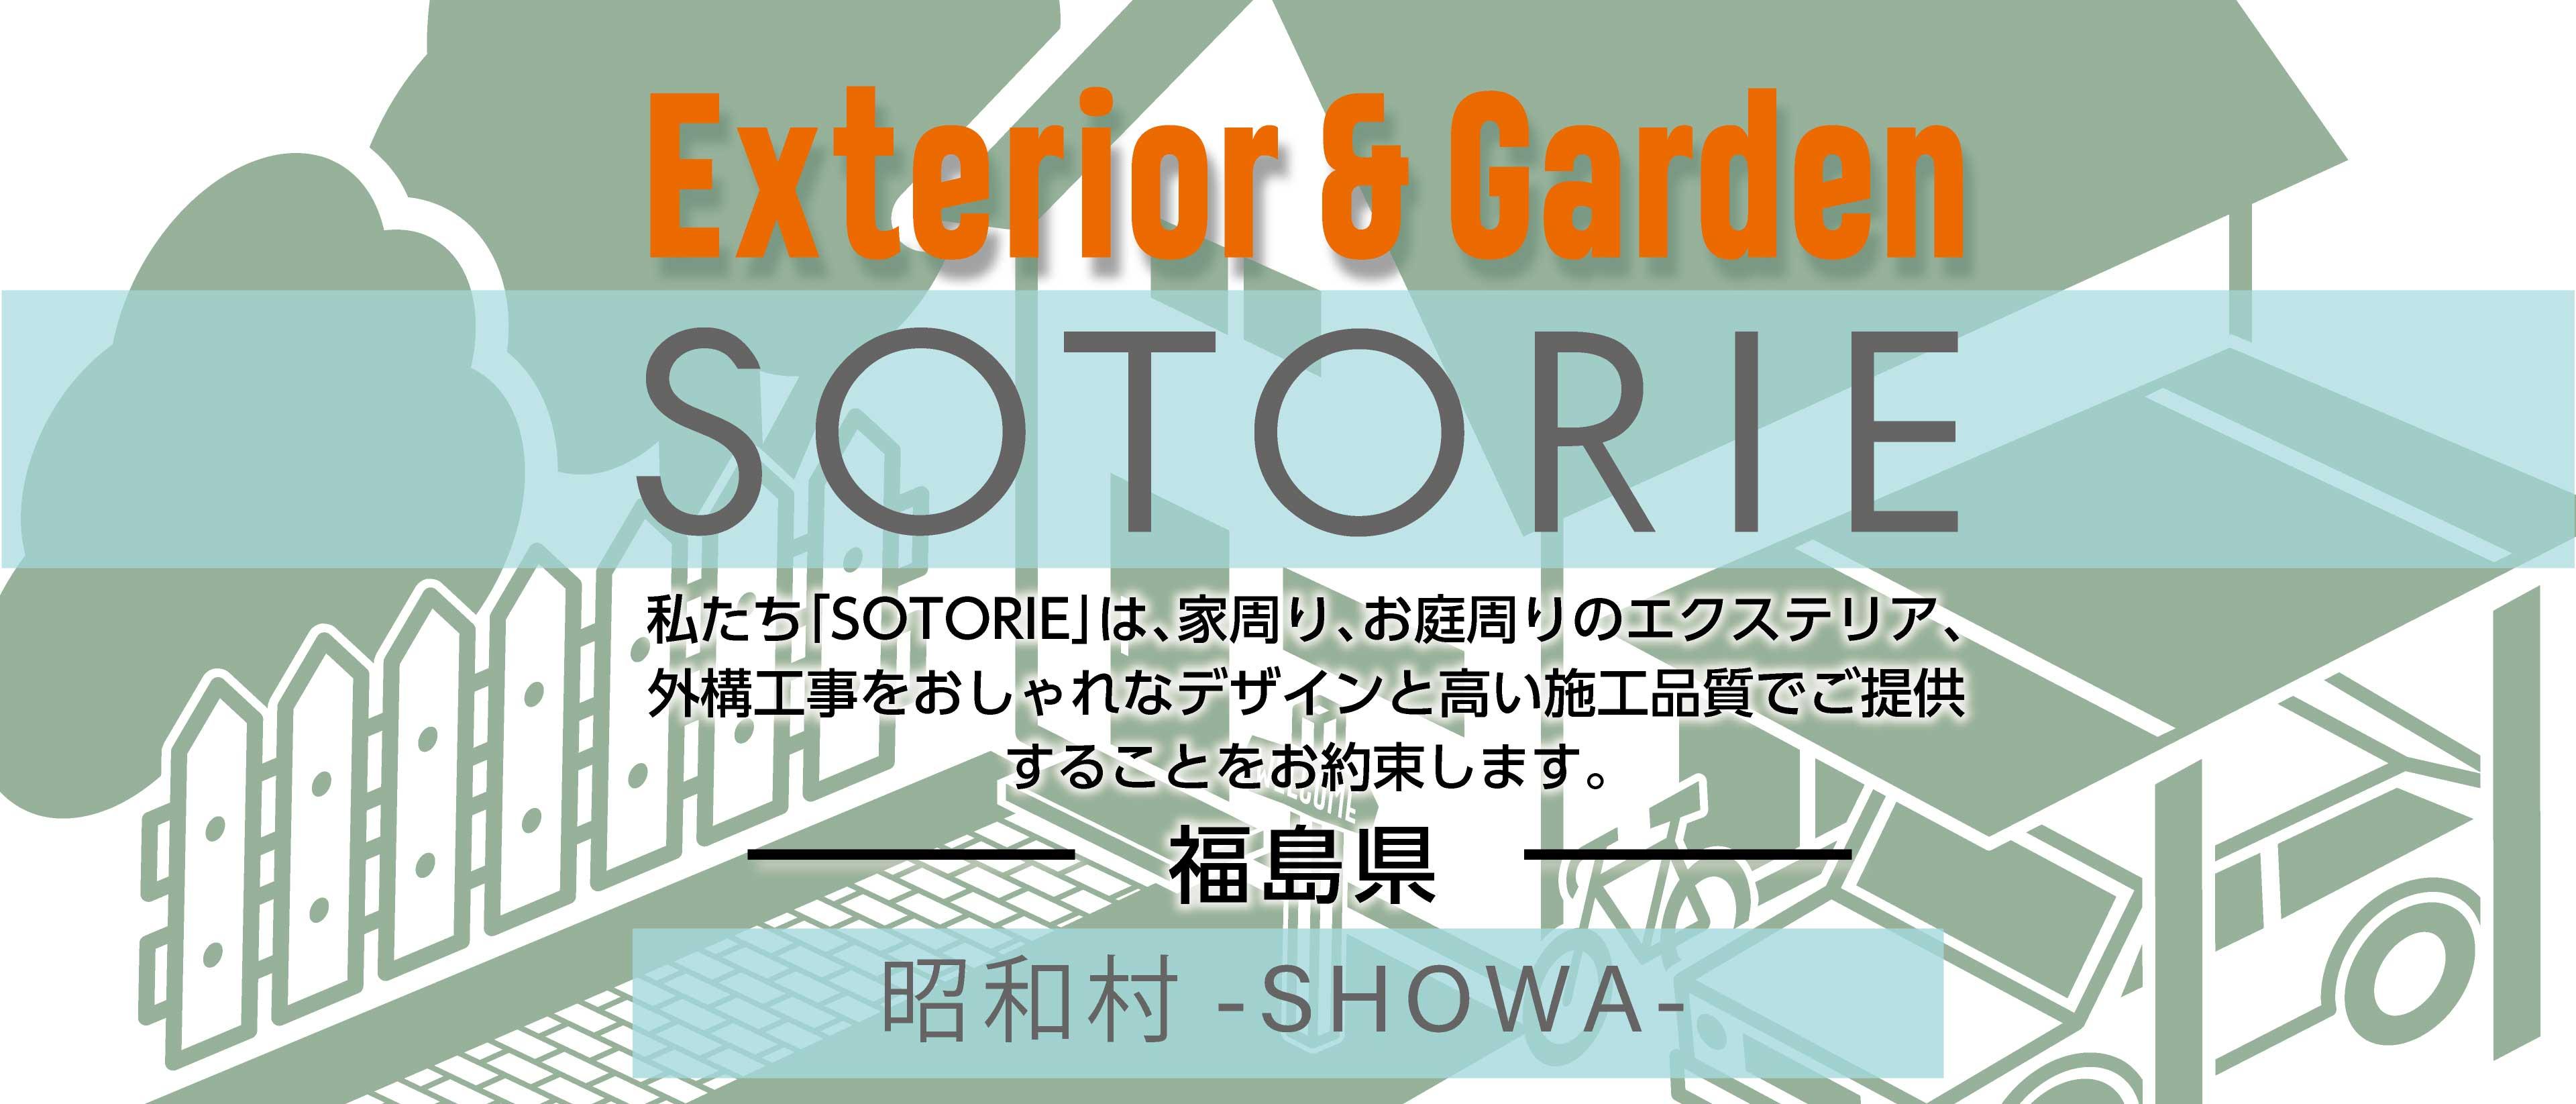 ソトリエ昭和村では、家周りと庭周りの外構、エクステリア工事をおしゃれなデザインと高い施工品質でご提供することをお約束します。